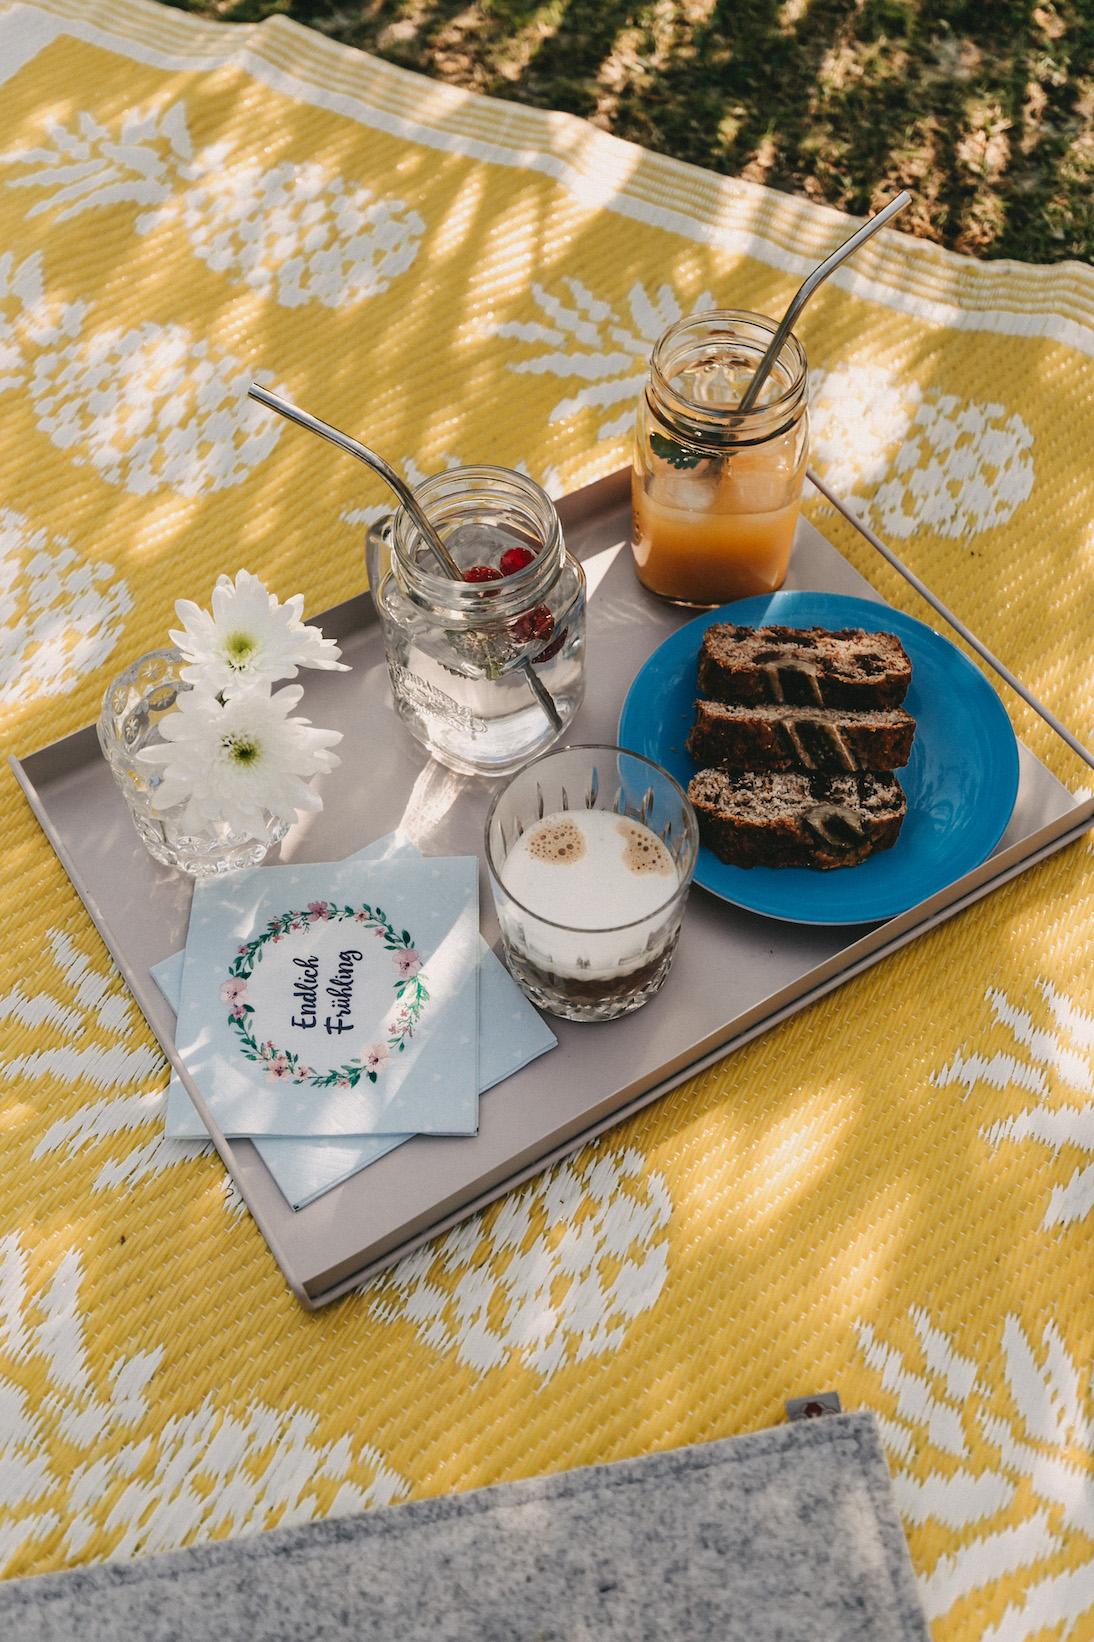 Picknick mit Bananenbrot Kaffee und kalten Getränken auf gelber Outdoordecke